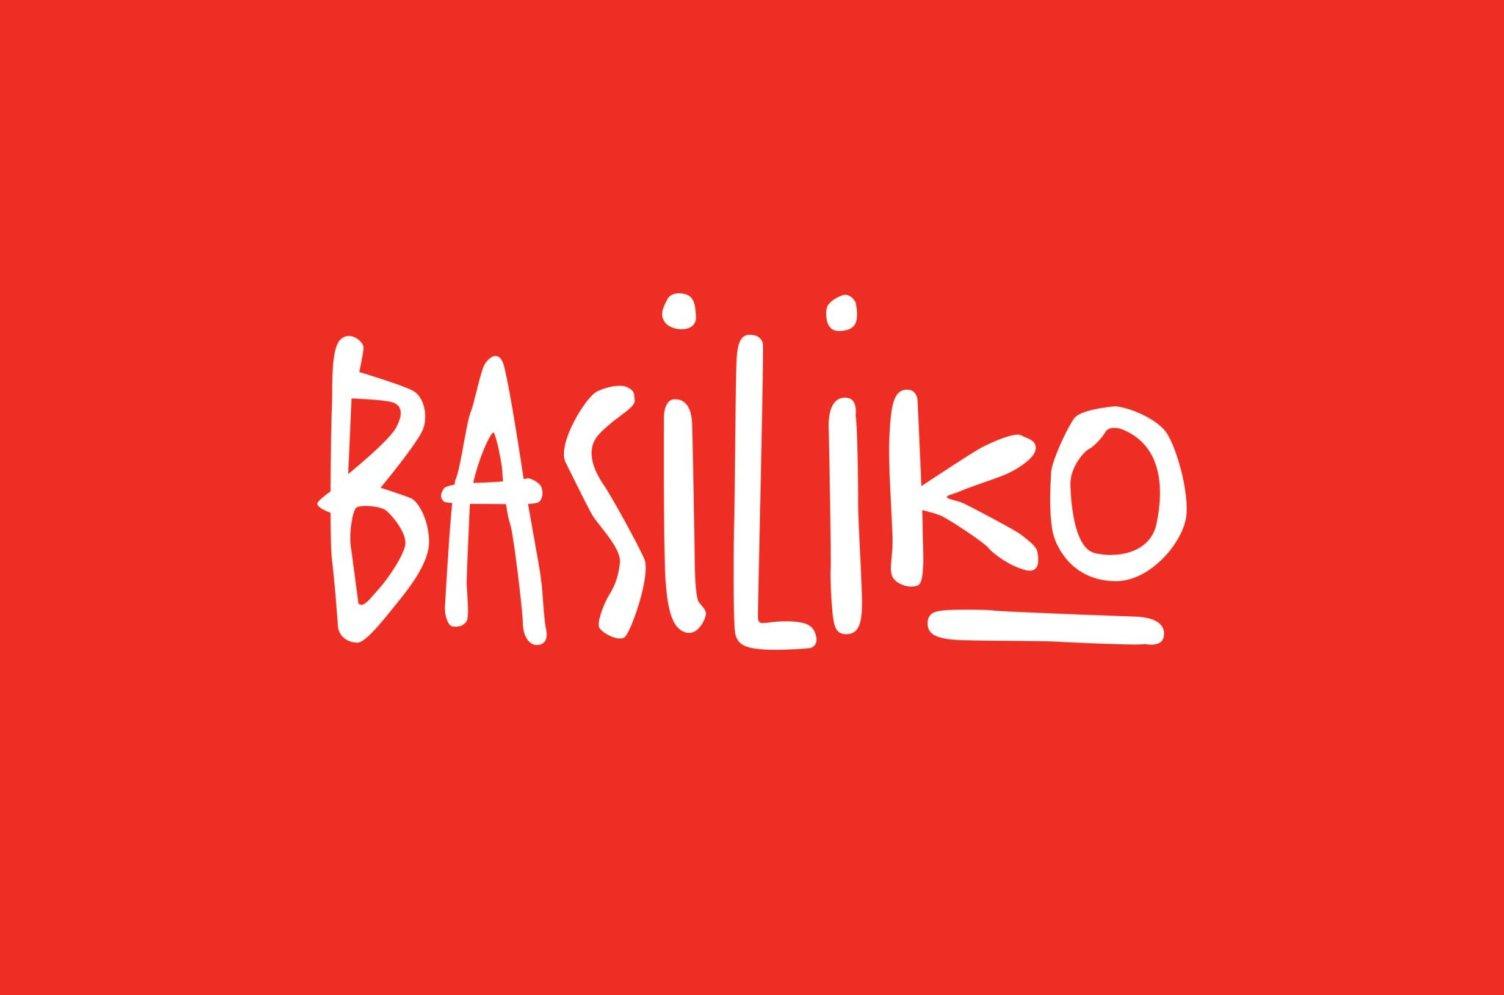 Basiliko Logo